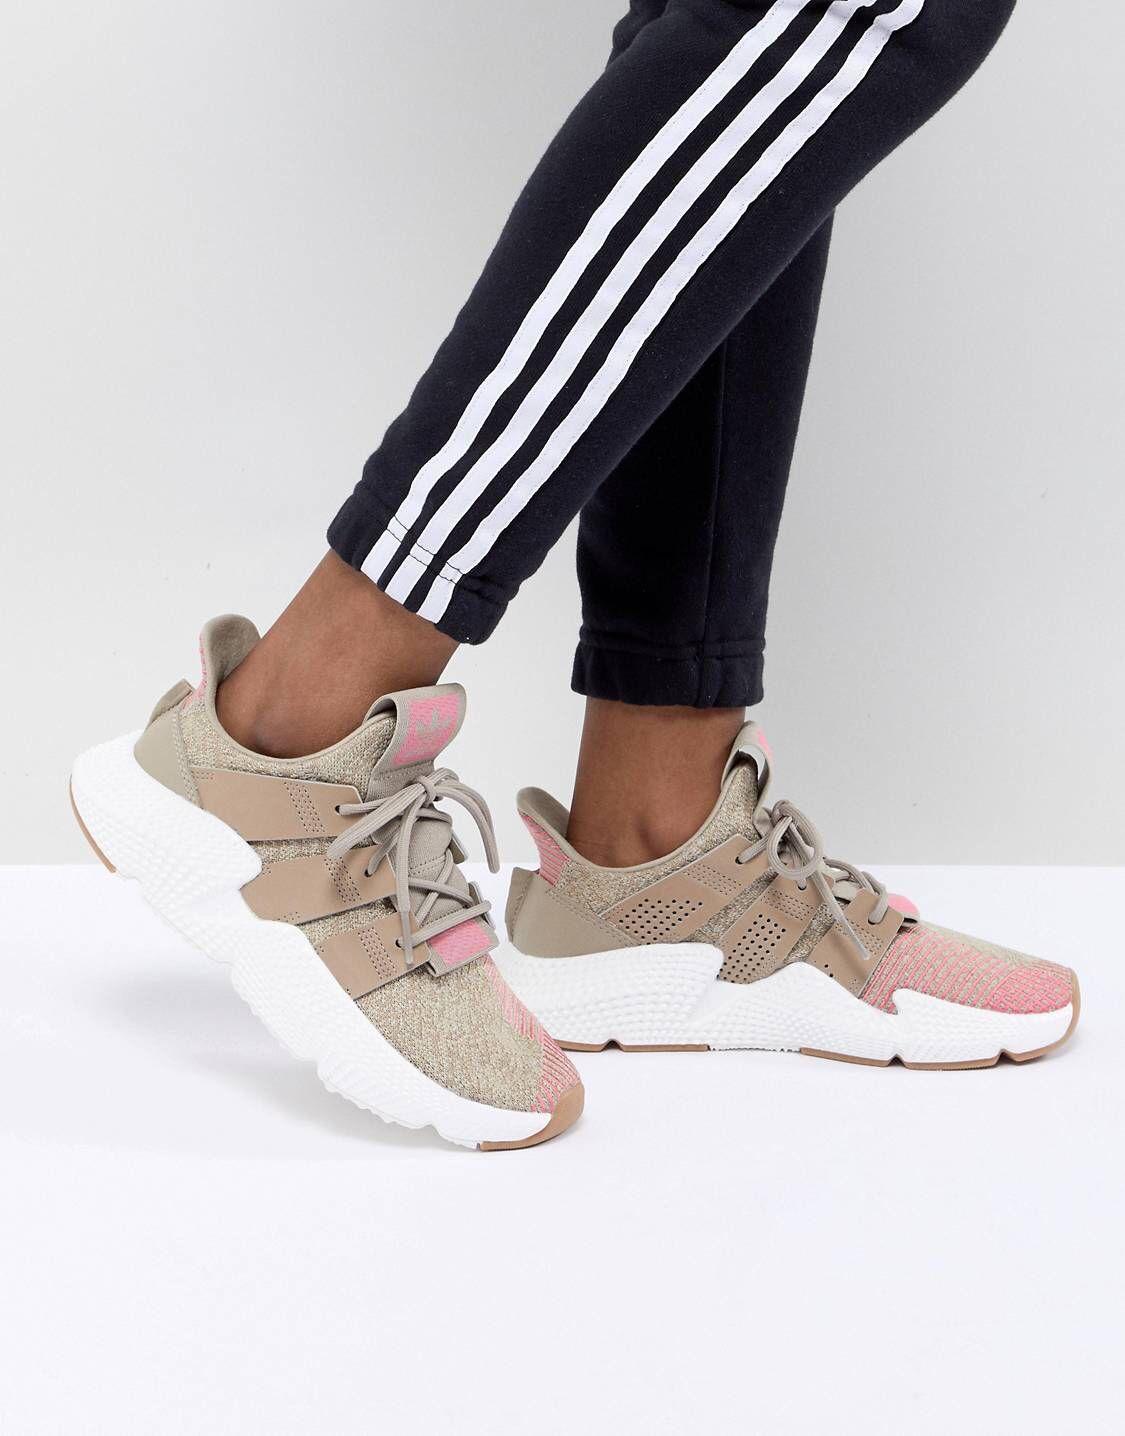 Zapatillas de deporte en beis y rosa Prophere de adidas Originals adidas Originals 3Akdj